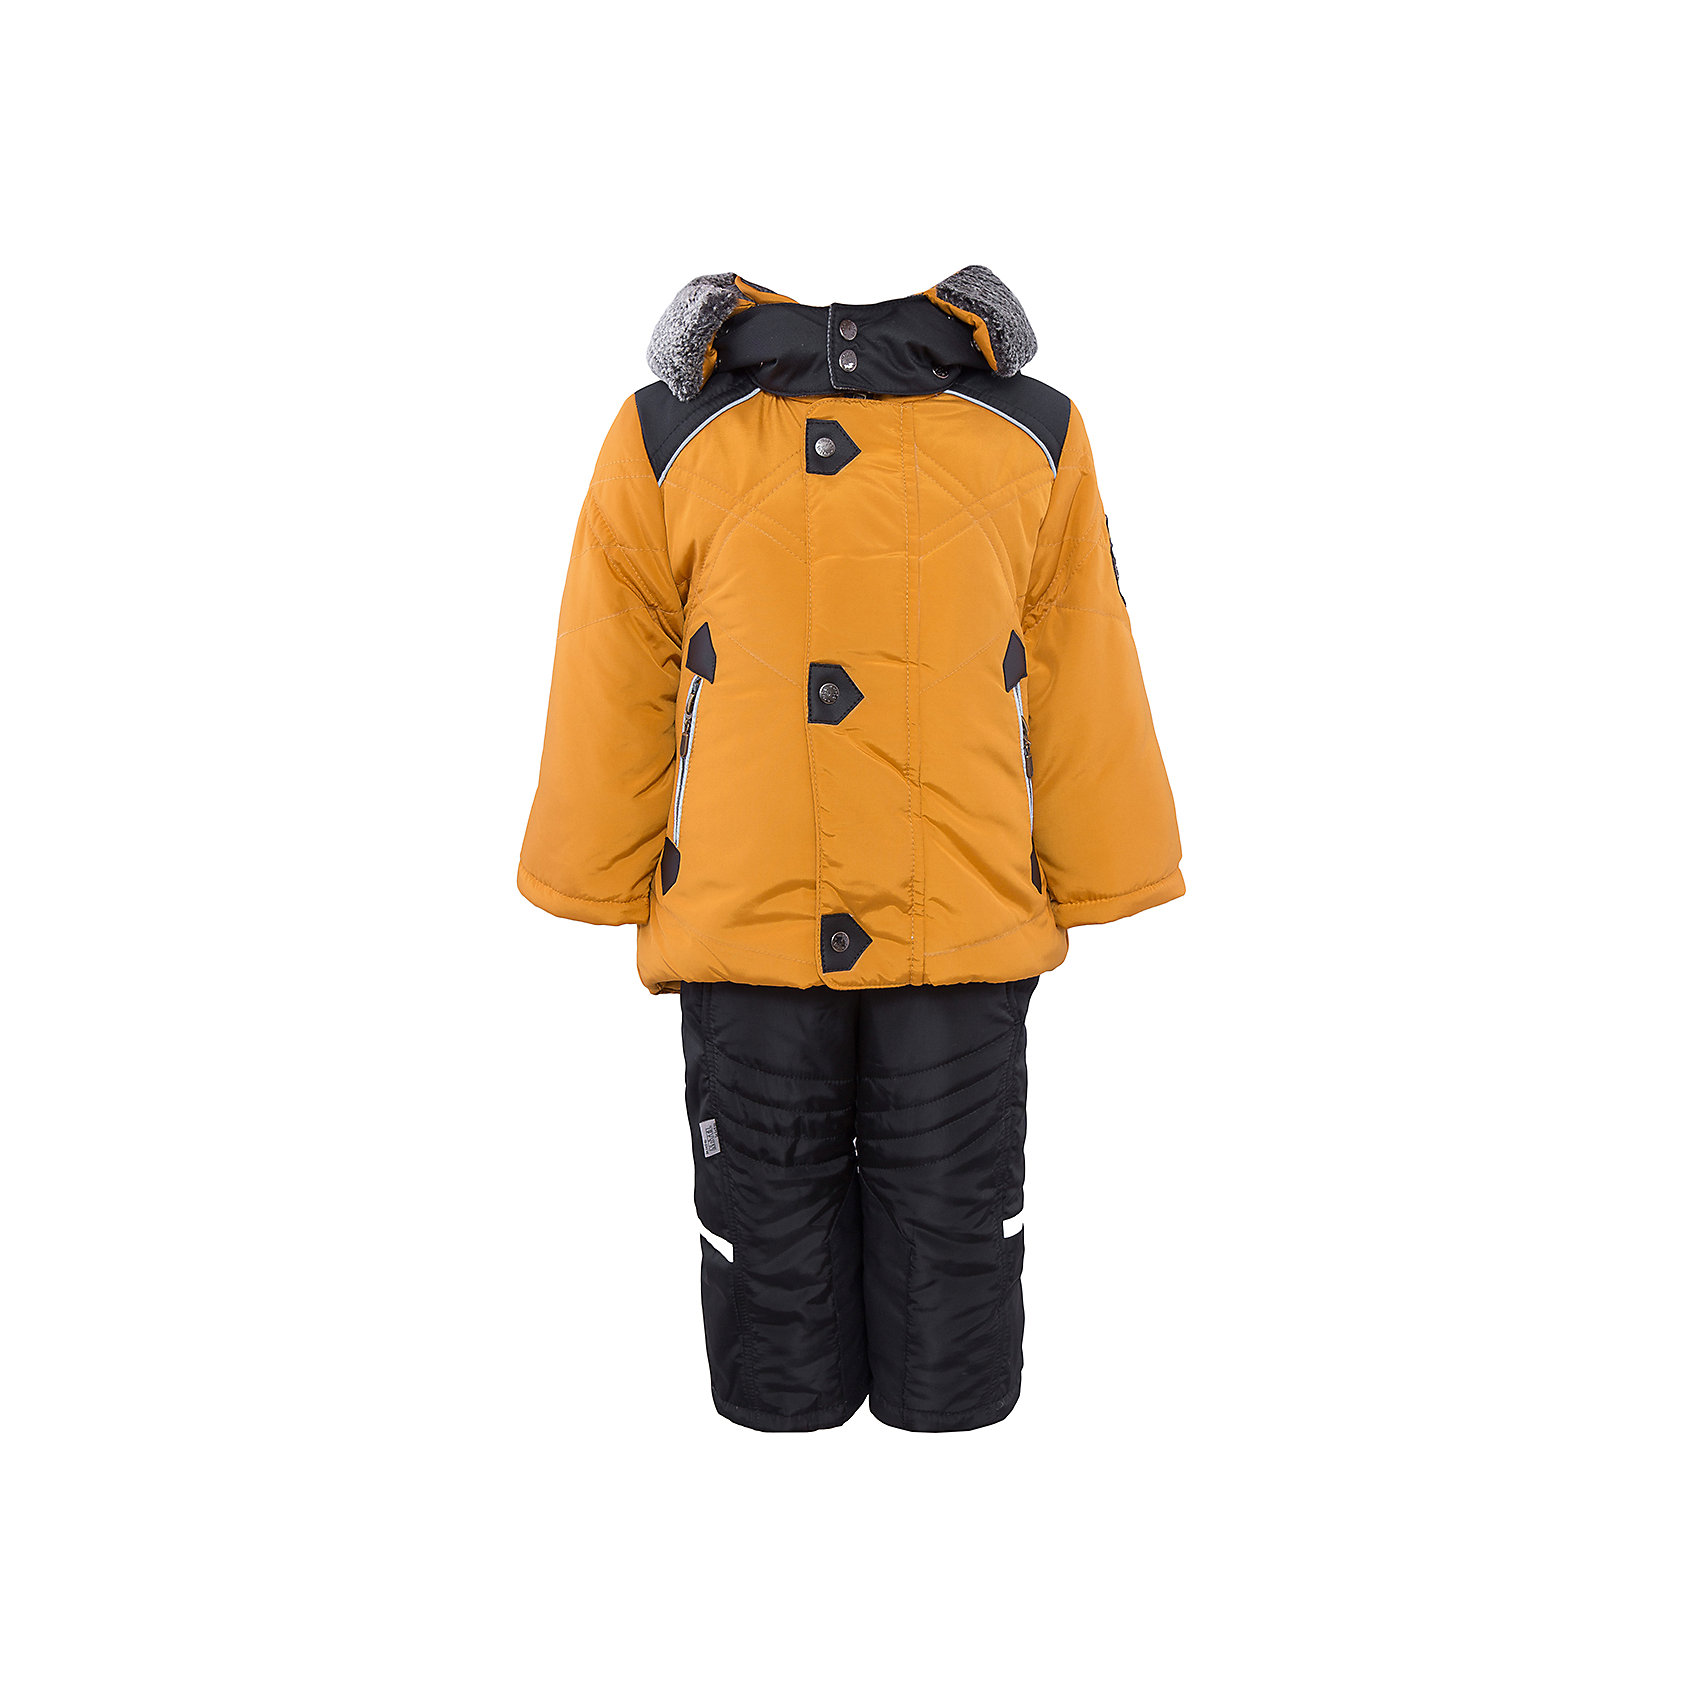 Комплект: куртка и полукомбинезон для мальчика АртельВерхняя одежда<br>Комплект: куртка и полукомбинезон для мальчика от известного бренда Артель<br>Теплая куртка прямого силуэта с дополнительной меховой подстежкой. Съемный глубокий капюшон, выполненный измембранной ткани, с опушкой из искусственной овчины, вязаные манжеты в рукавах и кулиска по низу куртки создают дополнительную защиту в холодное время года. Отворотный рукав регулируется по длине, карманы прорезные на молнии. У полукомбинезона регулируется длина бретелек и отворачивается низ штанишек, что позволит индивидуально для каждого ребенка скорректировать посадку изделия. По низу штанины имеется дополнительная защита от снега из мембранной ткани<br>Состав:<br>Верх: FITSYSTEM 1227<br>Подкладка: интерлок<br>Утеплитель: термофайбер 200гр<br>Подстежка: овчина<br>Полукомбинезон:<br>Верх: Prince<br>Подкладка: тиси<br>Утеплитель: термофайбер 200гр<br><br>Ширина мм: 215<br>Глубина мм: 88<br>Высота мм: 191<br>Вес г: 336<br>Цвет: желтый<br>Возраст от месяцев: 12<br>Возраст до месяцев: 15<br>Пол: Мужской<br>Возраст: Детский<br>Размер: 80,104,86,98,92<br>SKU: 4963947